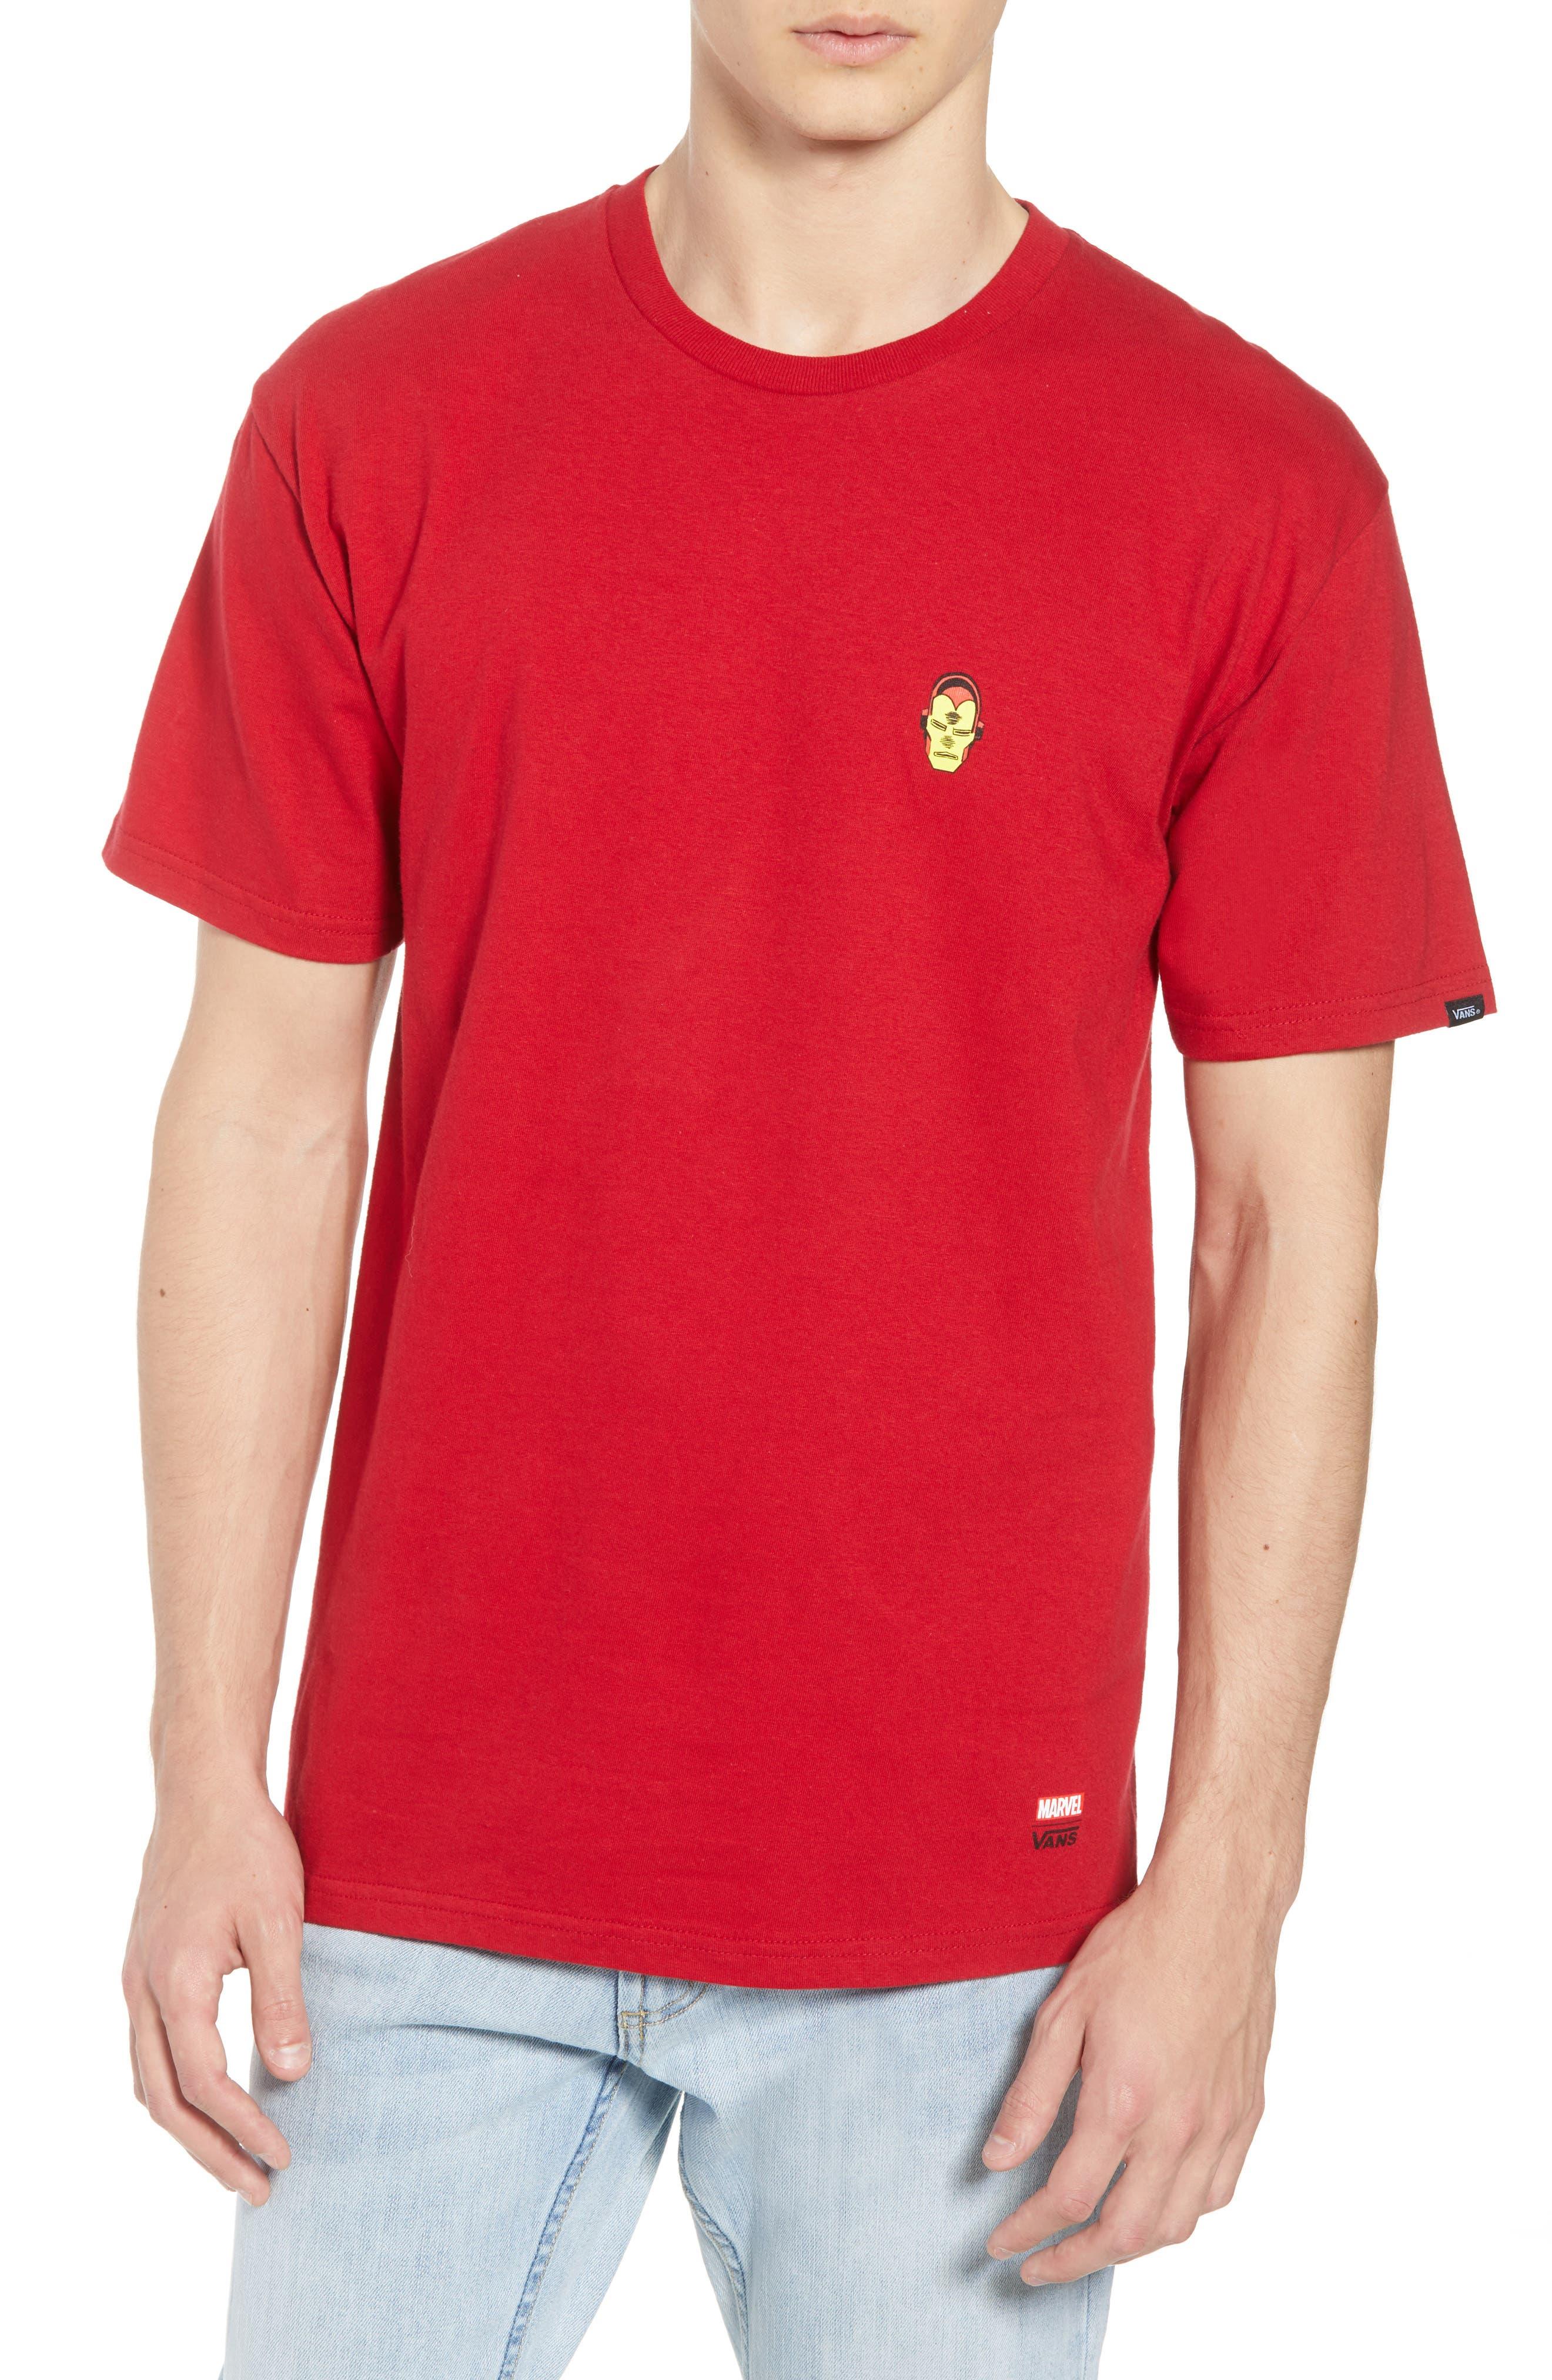 x Marvel<sup>®</sup> Iron Man T-Shirt,                             Main thumbnail 1, color,                             Cardinal